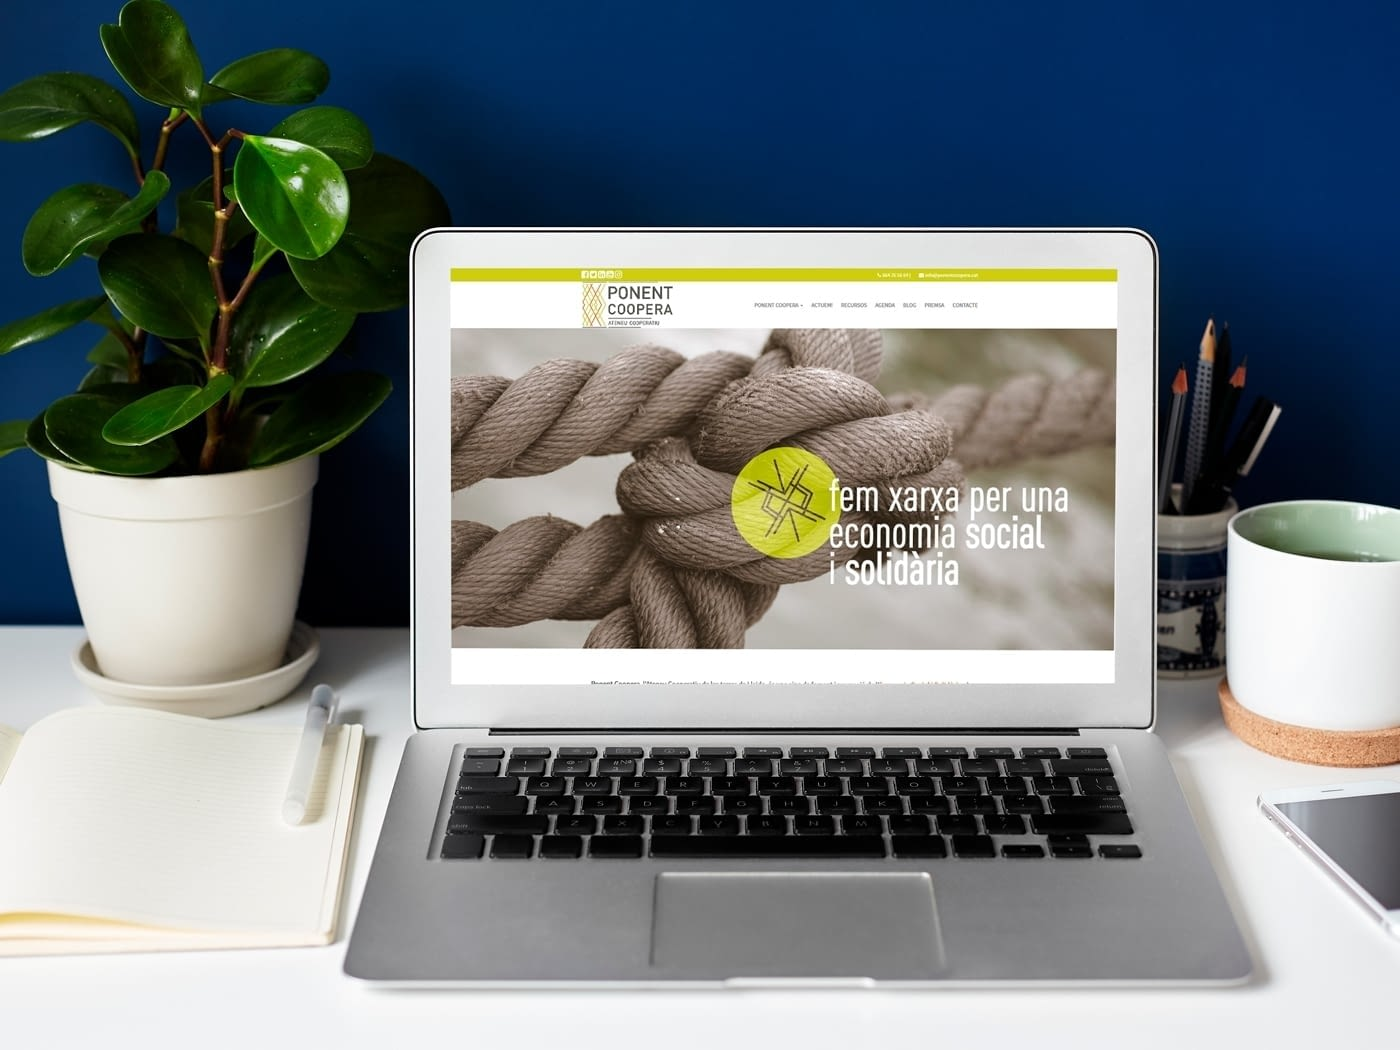 Nueva Web Corporativa para Ponent Coopera Ateneu Cooperatiu